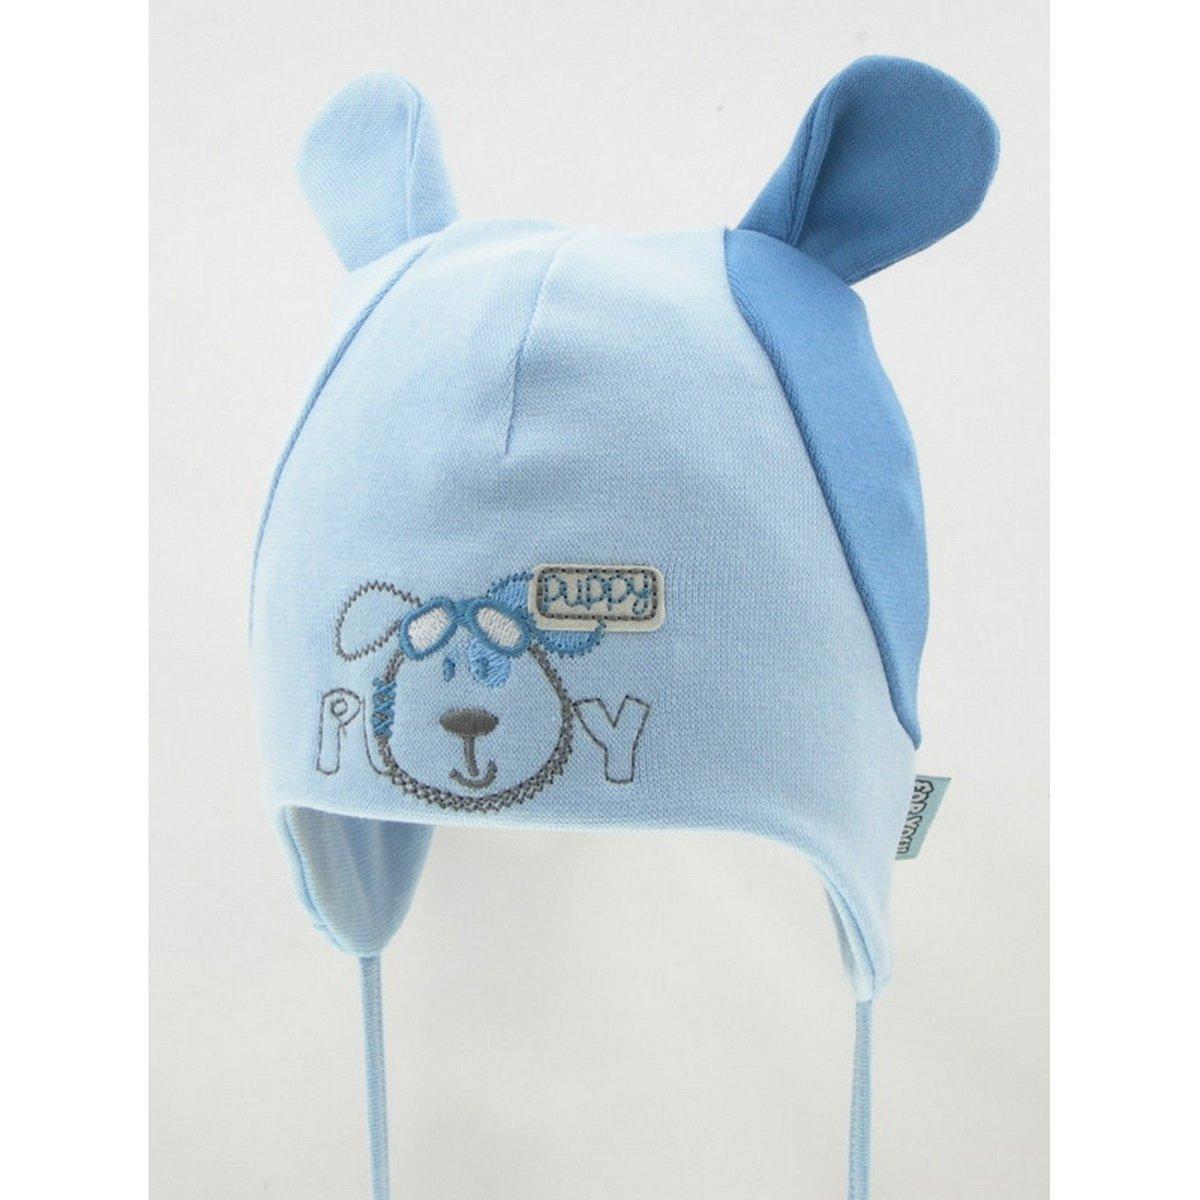 New Baby Boy Cotton Hat Boys Spring Autumn Cap Hat 0-18 Months 9-12 Months 46cm, Cream